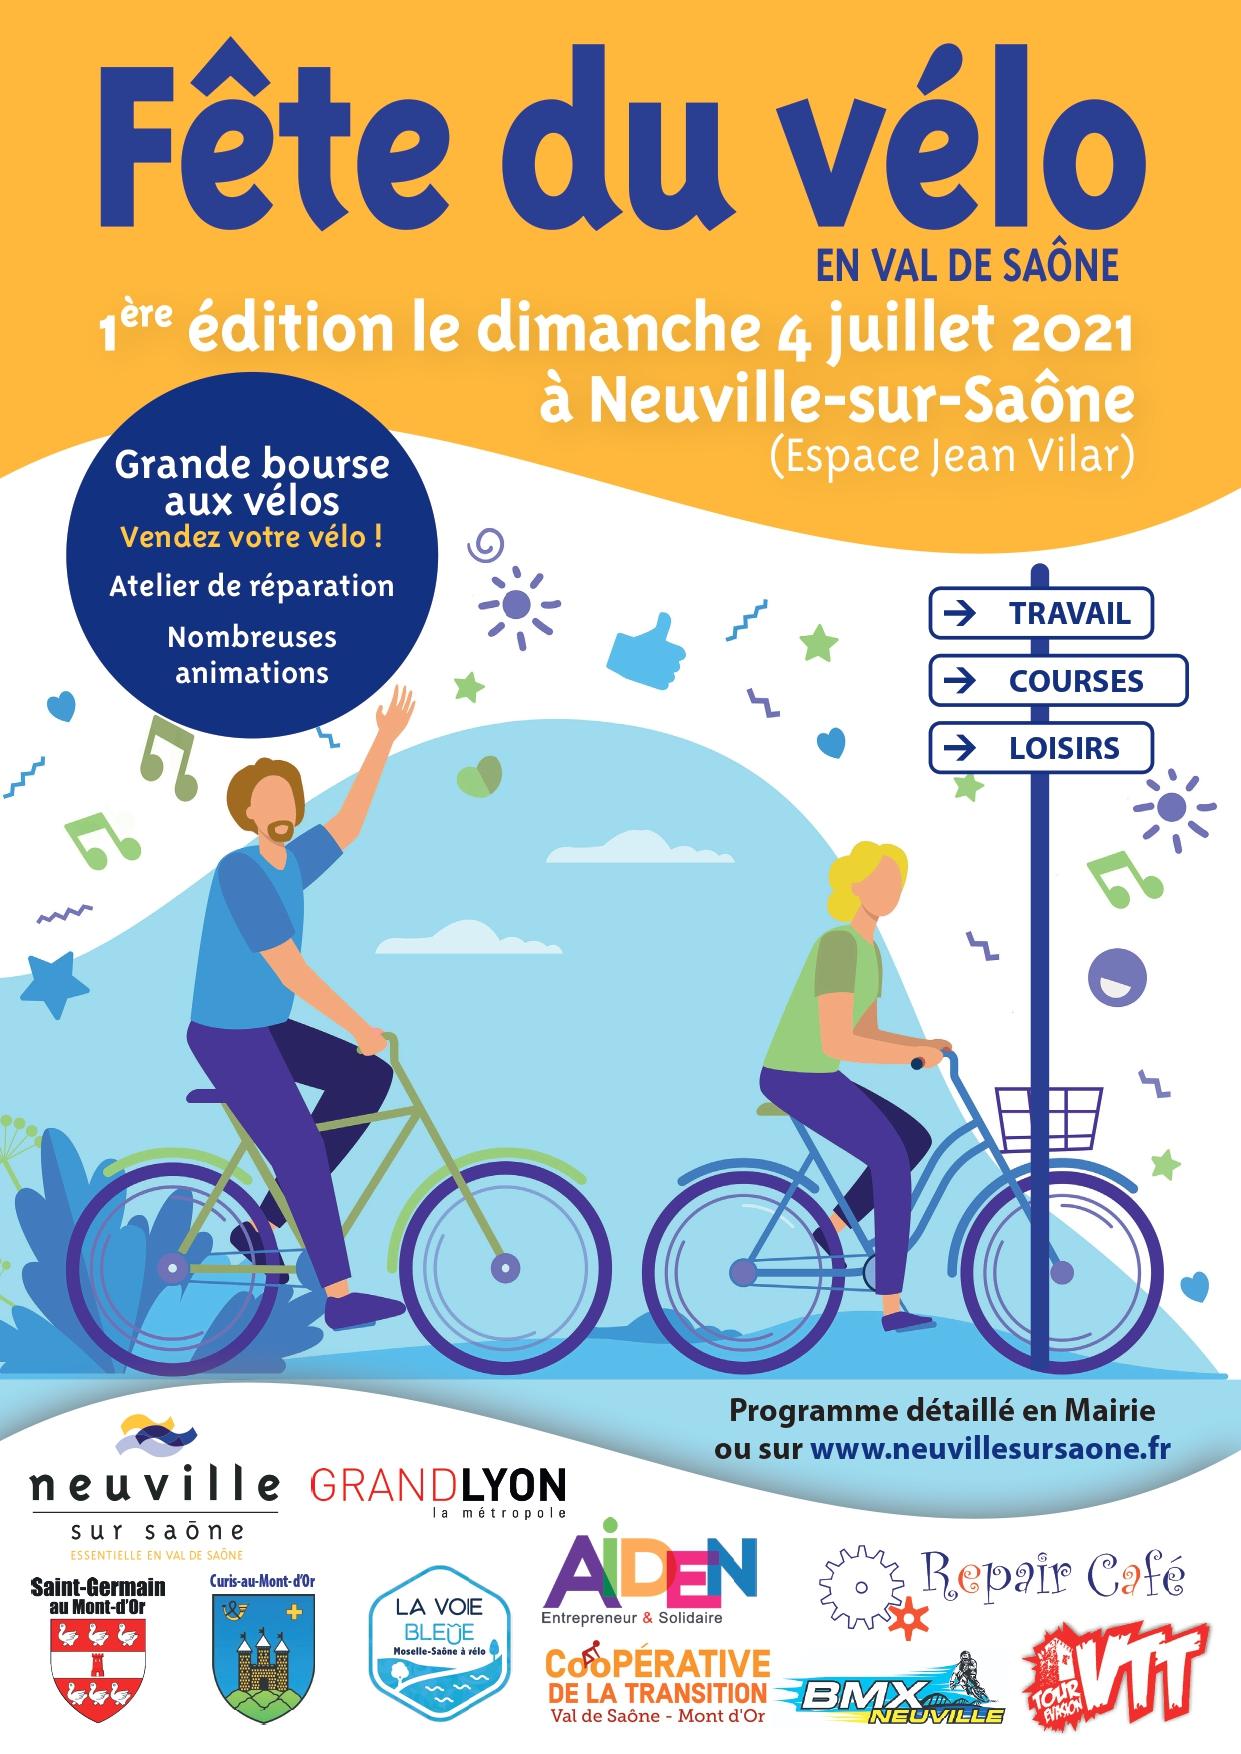 Fête du vélo @ Neuville-sur-Saône